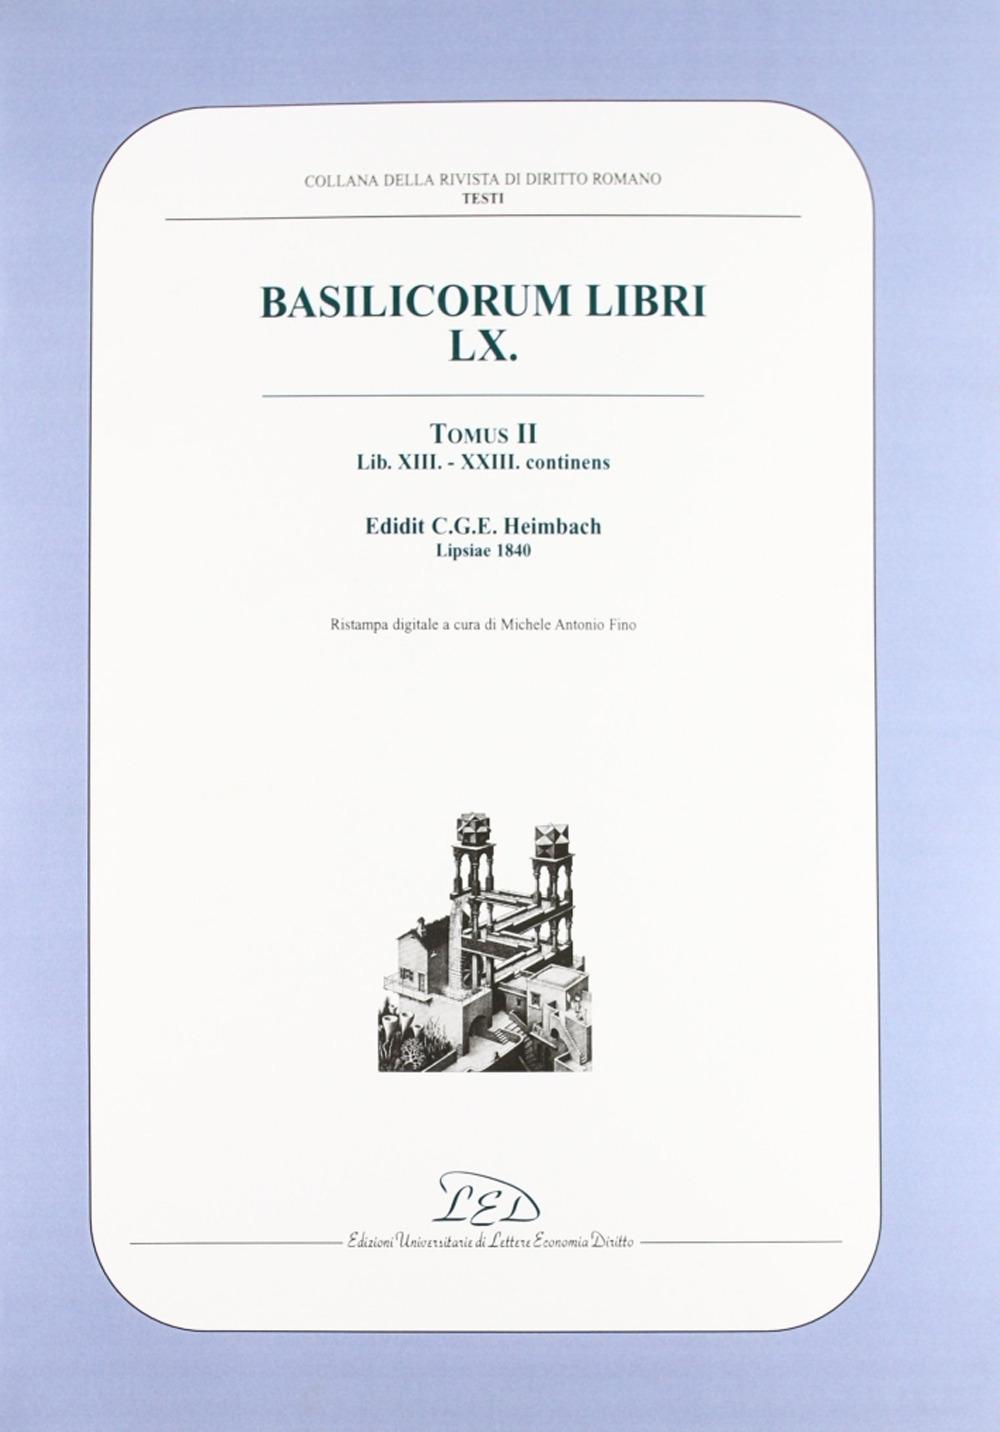 Rivista di diritto romano (2002). Vol. 2. Basilicorum libri LX tomus II (libri XIII-XXIII)